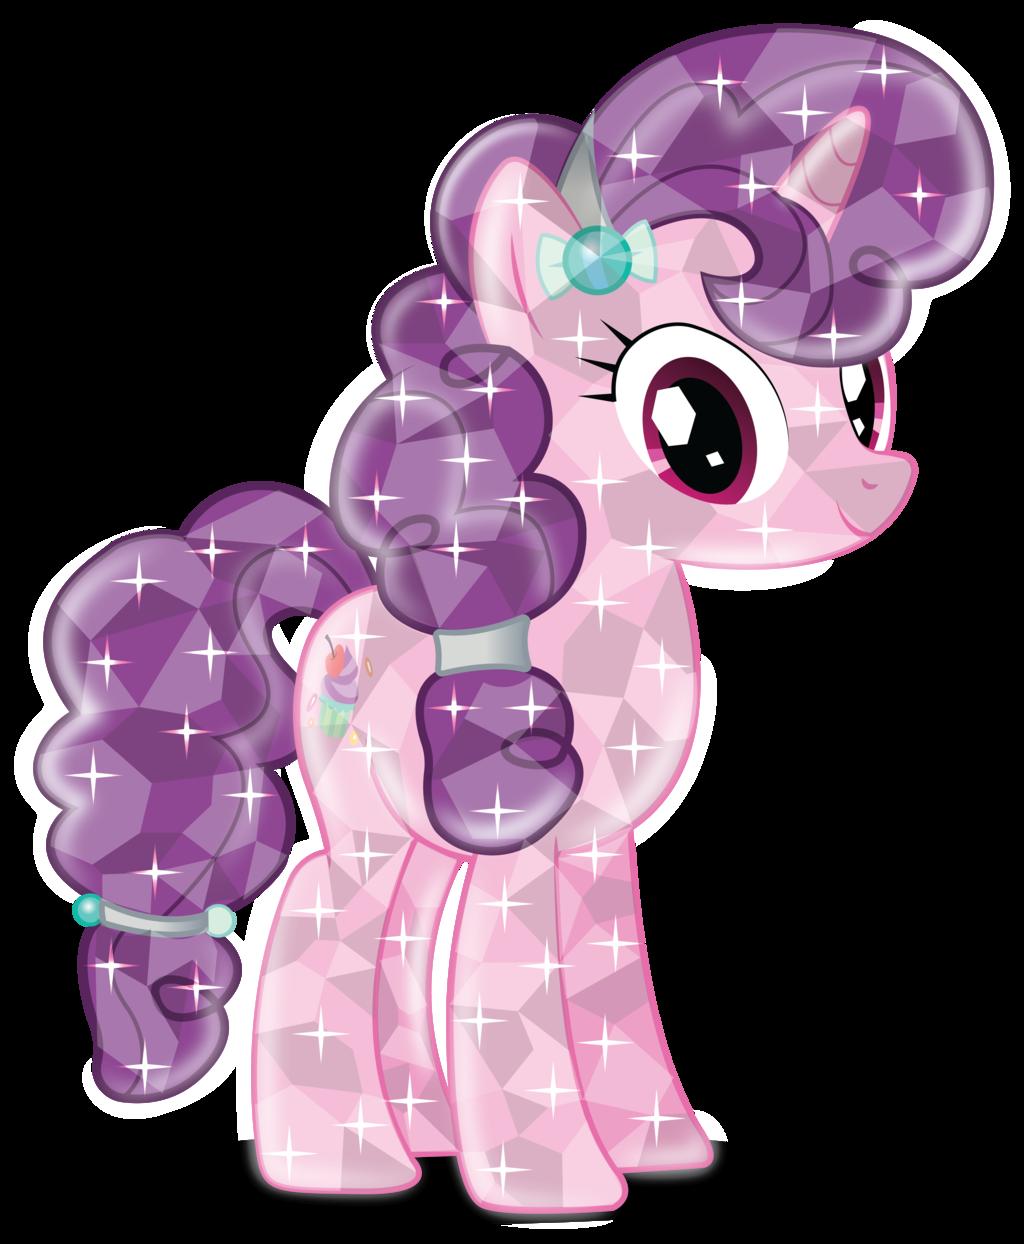 Crystal clipart sugar crystal. Belle by infinitewarlock on